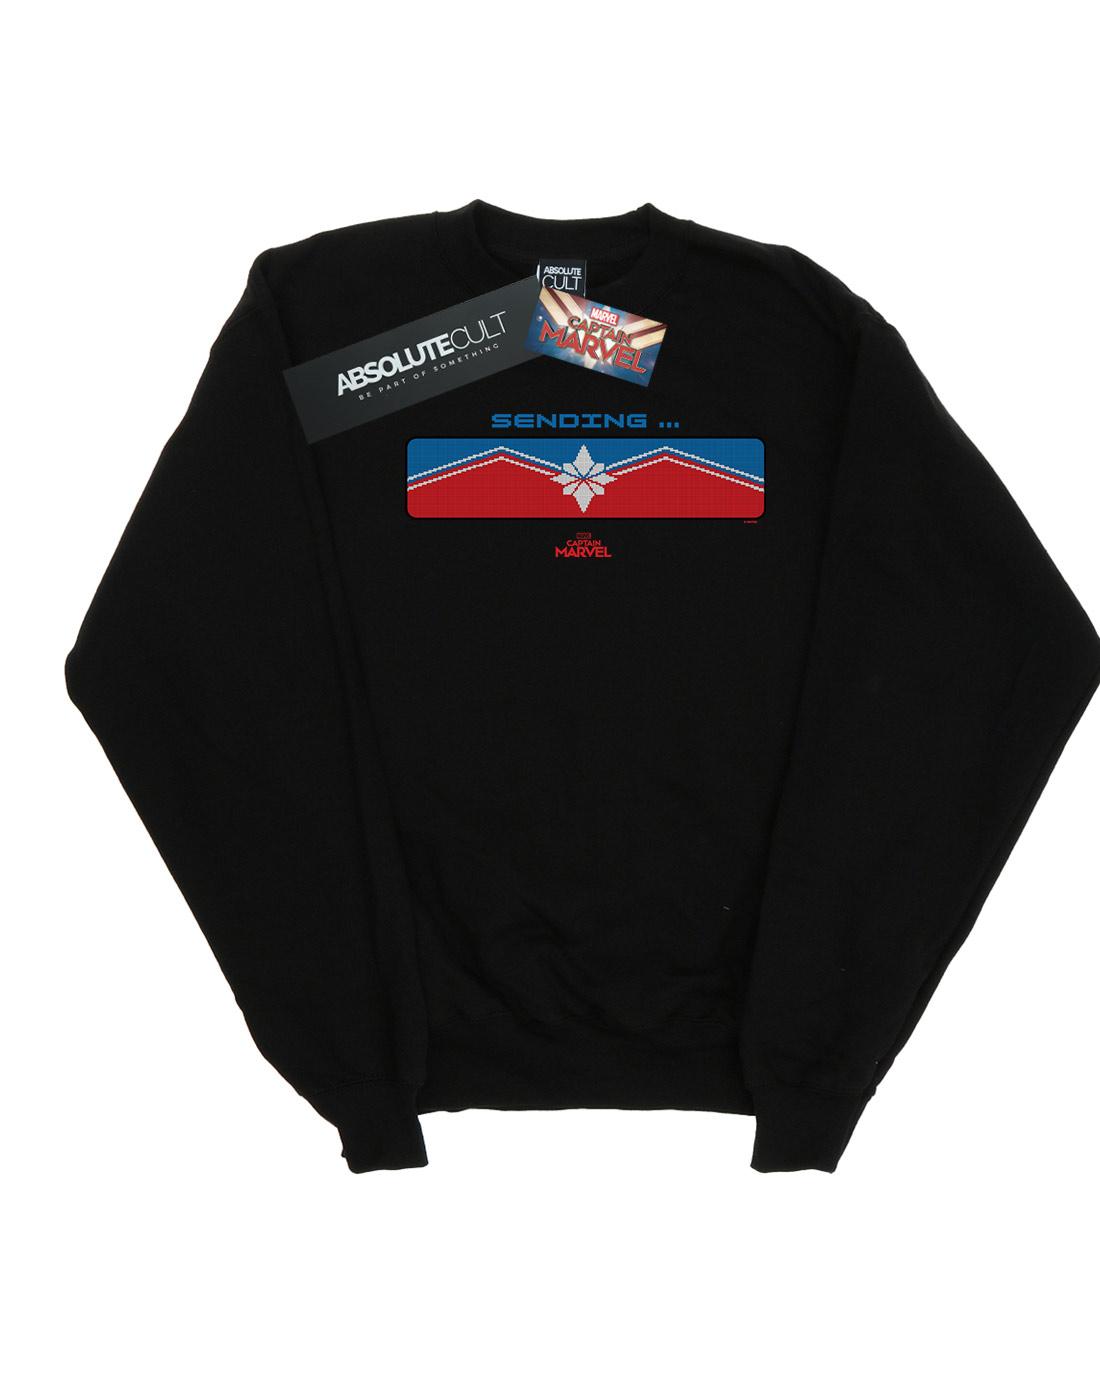 Marvel Herren Captain Captain Captain Marvel Sending Sweatshirt 4d3e07